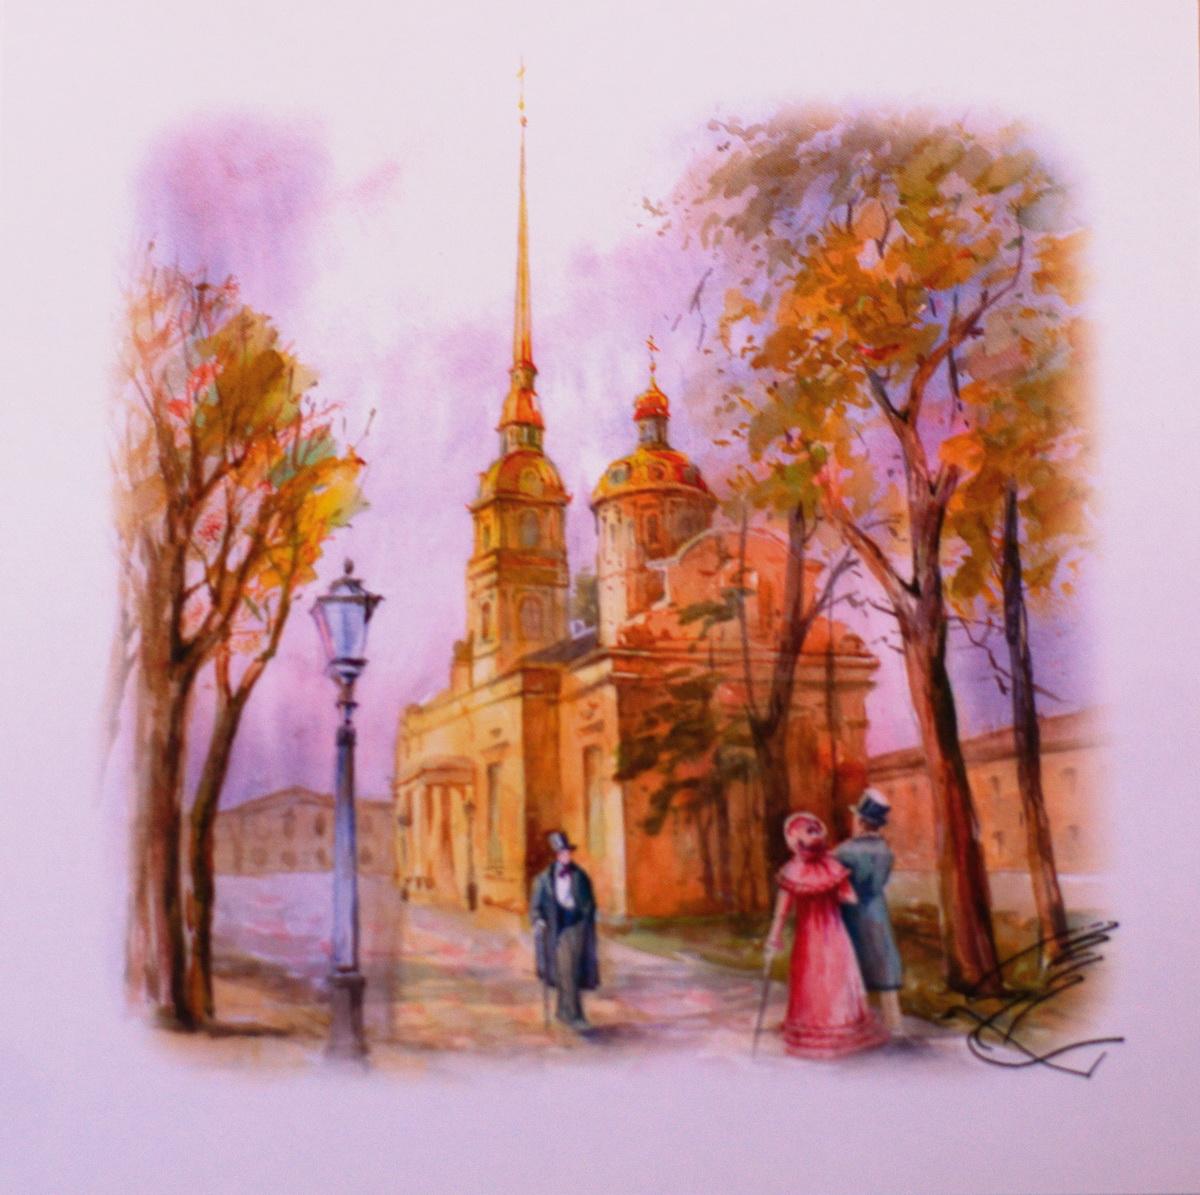 Открытка YusliQ Петропавловский собор. Авторская работа. o1803o1803Предлагаем вашему вниманию открытку с видом Санкт-Петербурга, она станет необычным и ярким дополнением к подарку дорогому и близкому вам человеку или просто добавит красок в серые будни.